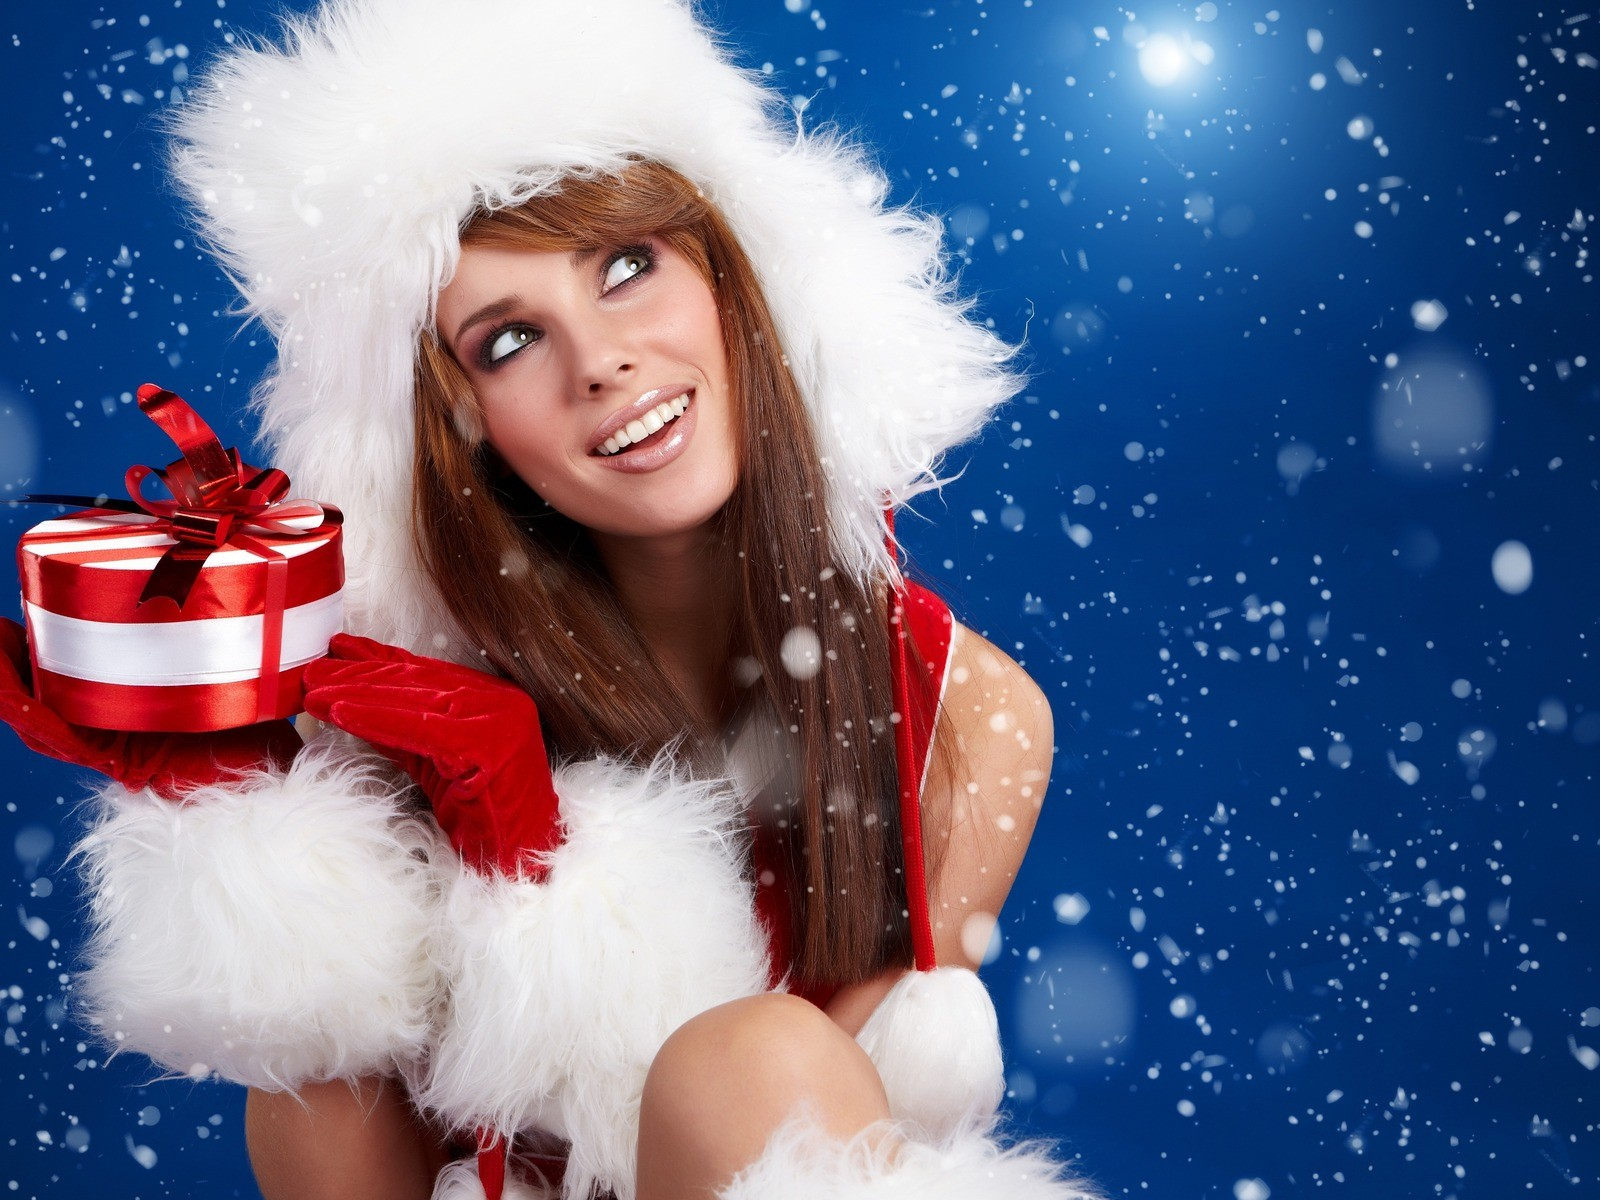 сексуальная снегурочка, секси снегурка, sexy santa girl wallpaper woman, скачать обои для рабочего стола,